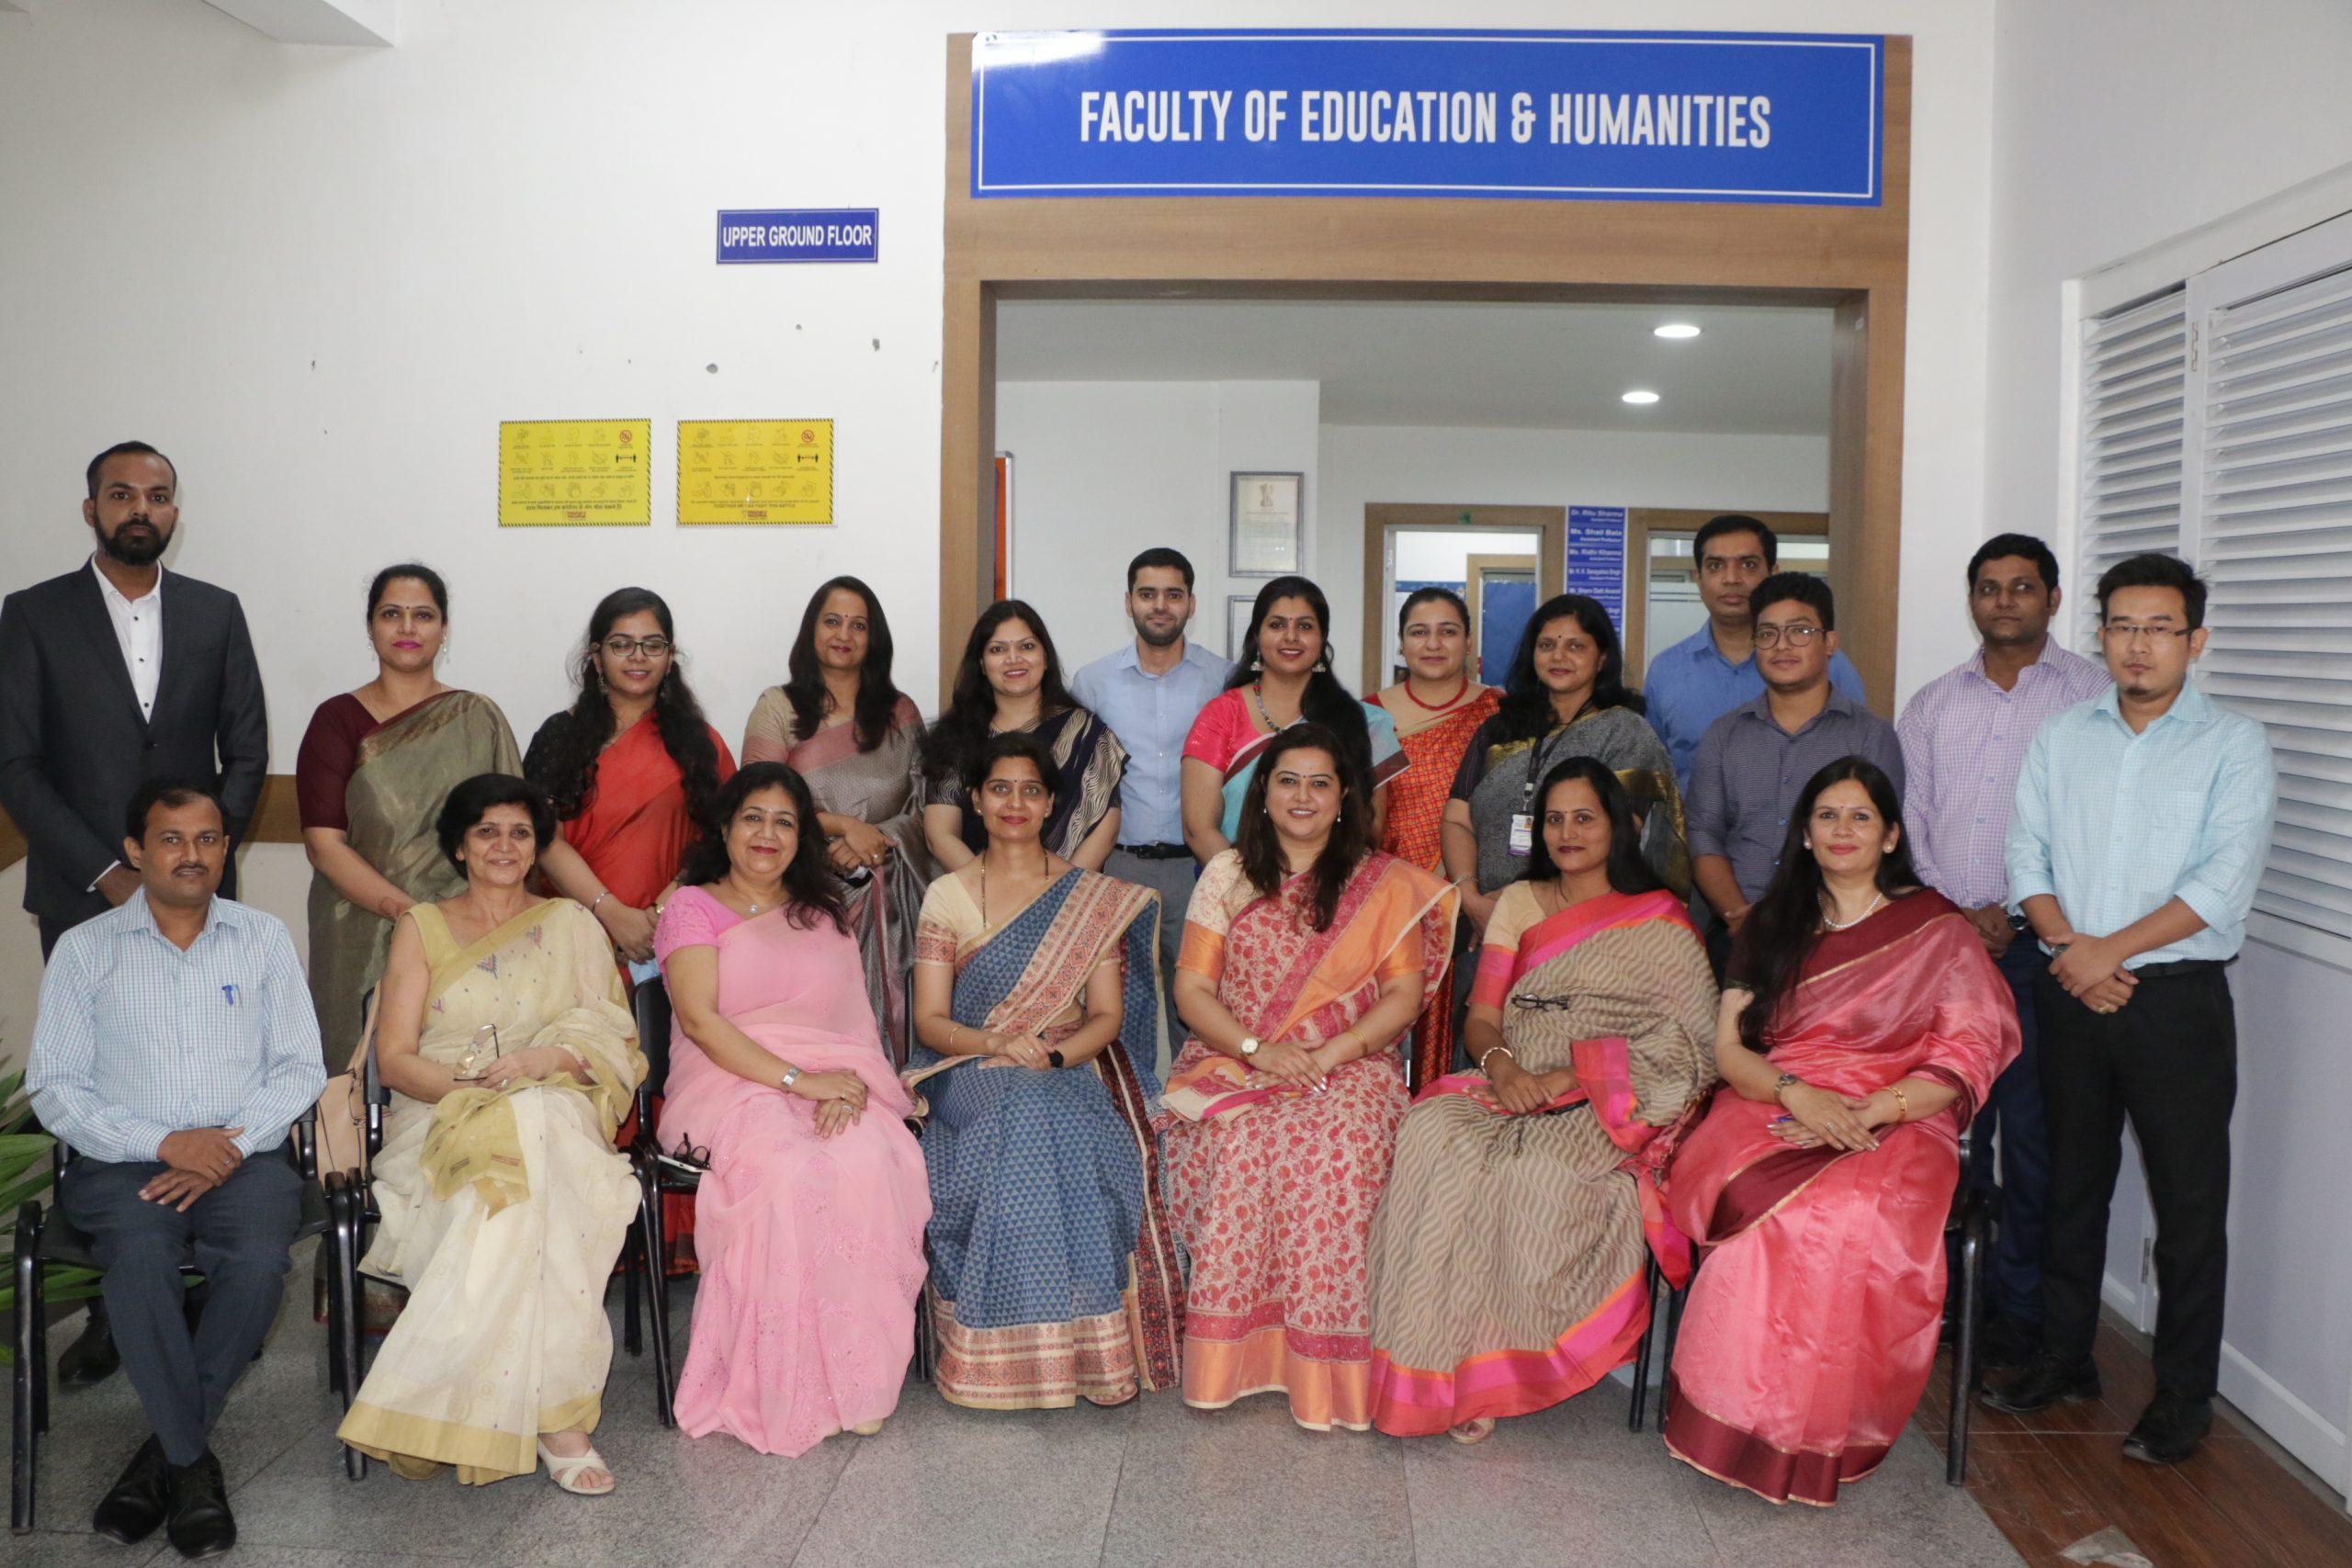 Group Photo FoEd